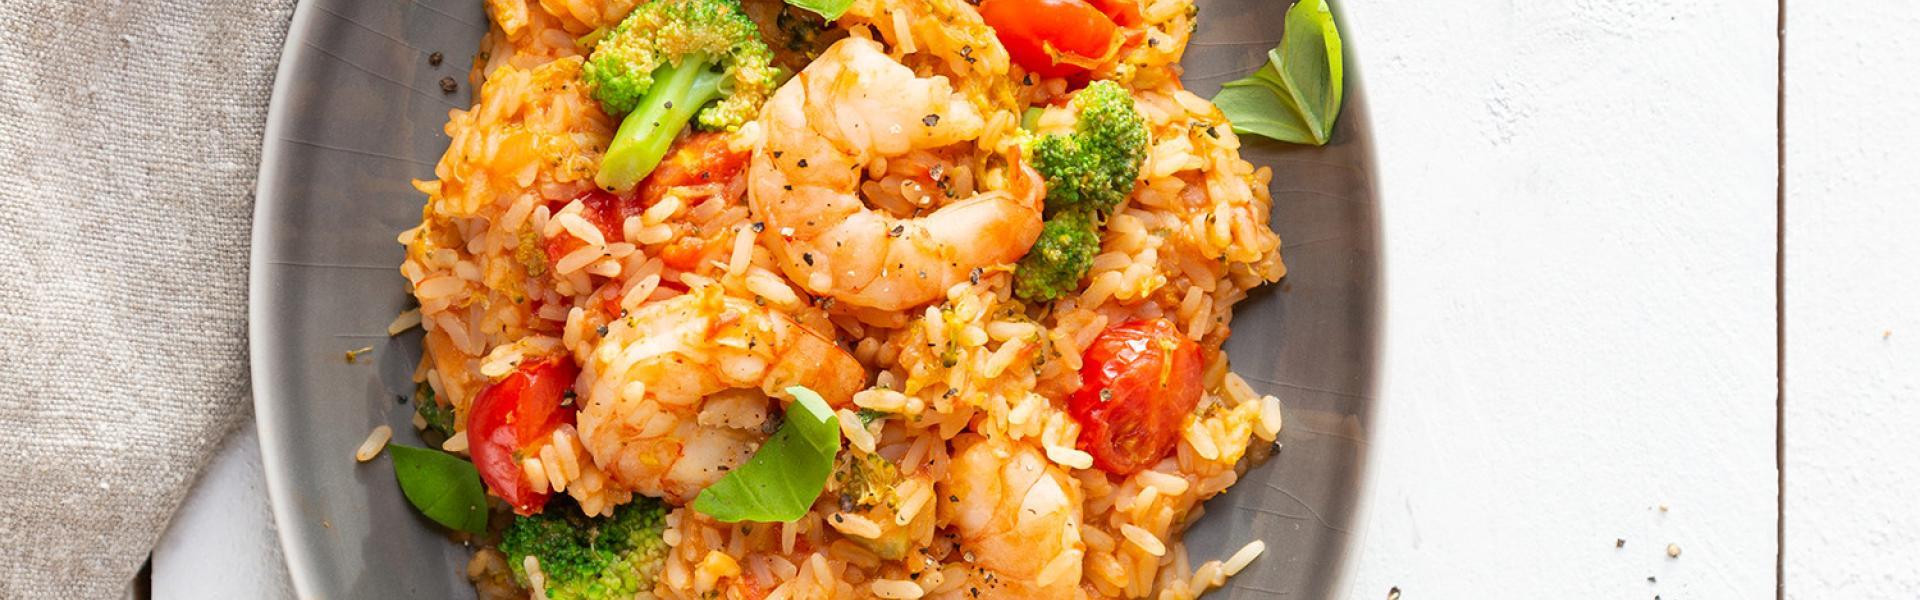 Reispot mit Garnelen und Brokkoli auf einem Teller angerichtet.